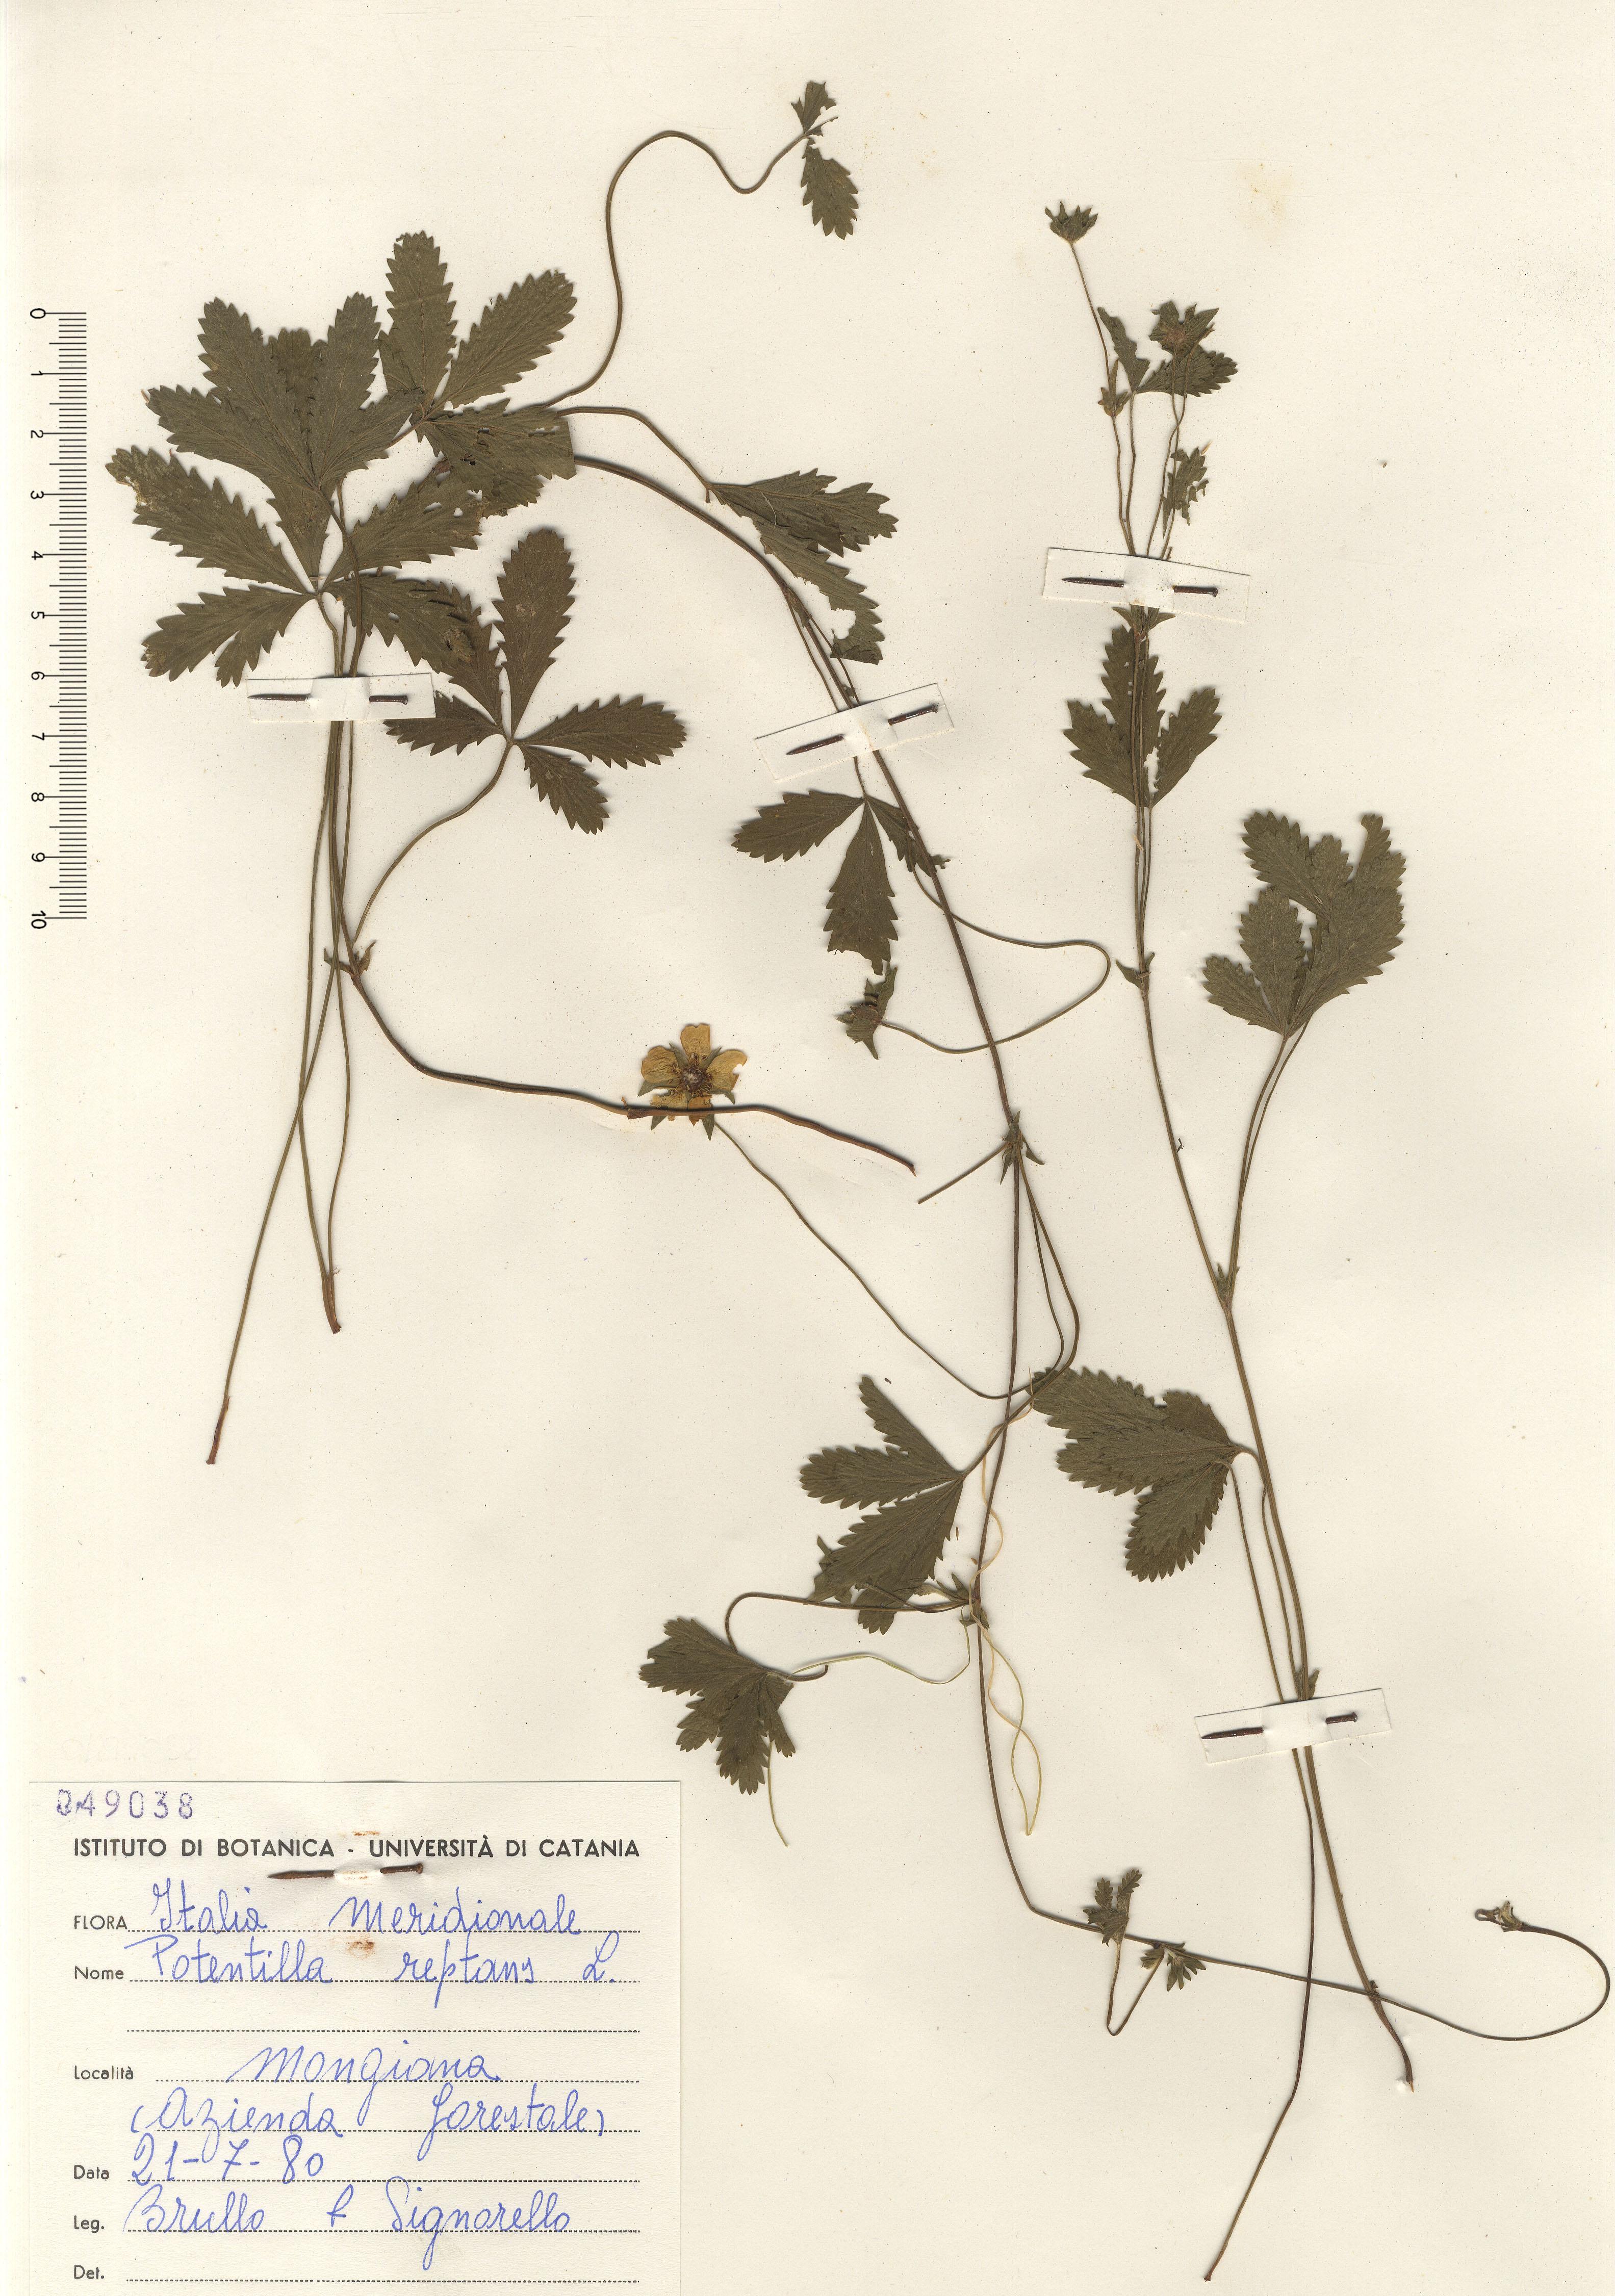 © Hortus Botanicus Catinensis - Herb. sheet 049038<br>